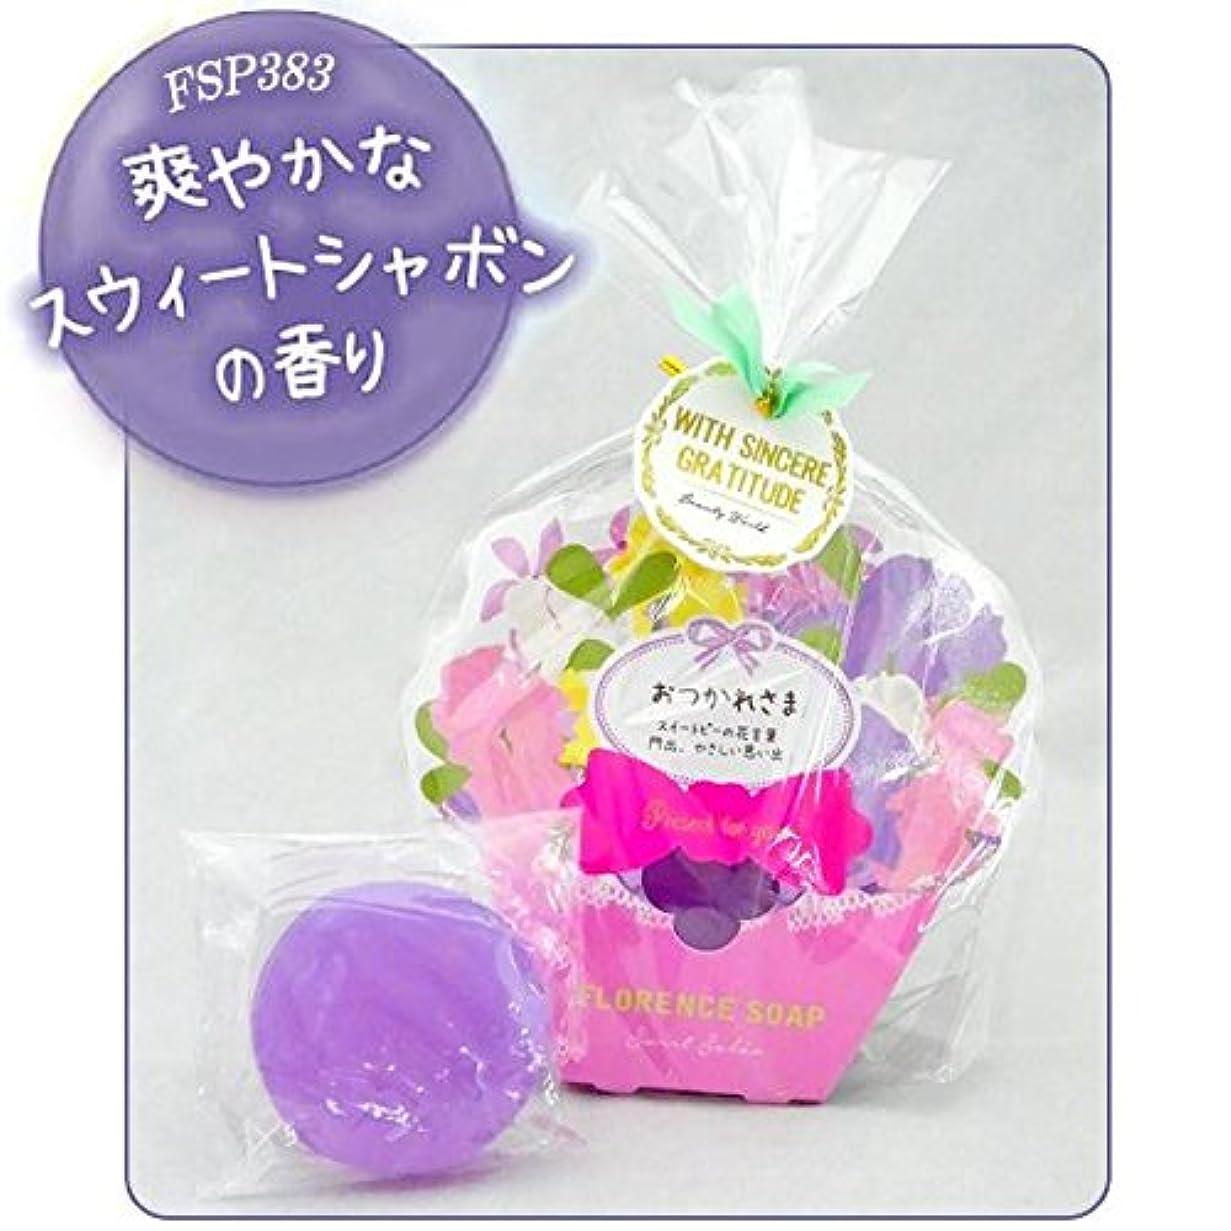 ベンチスリンク筋肉のビューティーワールド BWフローレンスの香り石けん 花束パッケージ 6個セット スウィートシャボン